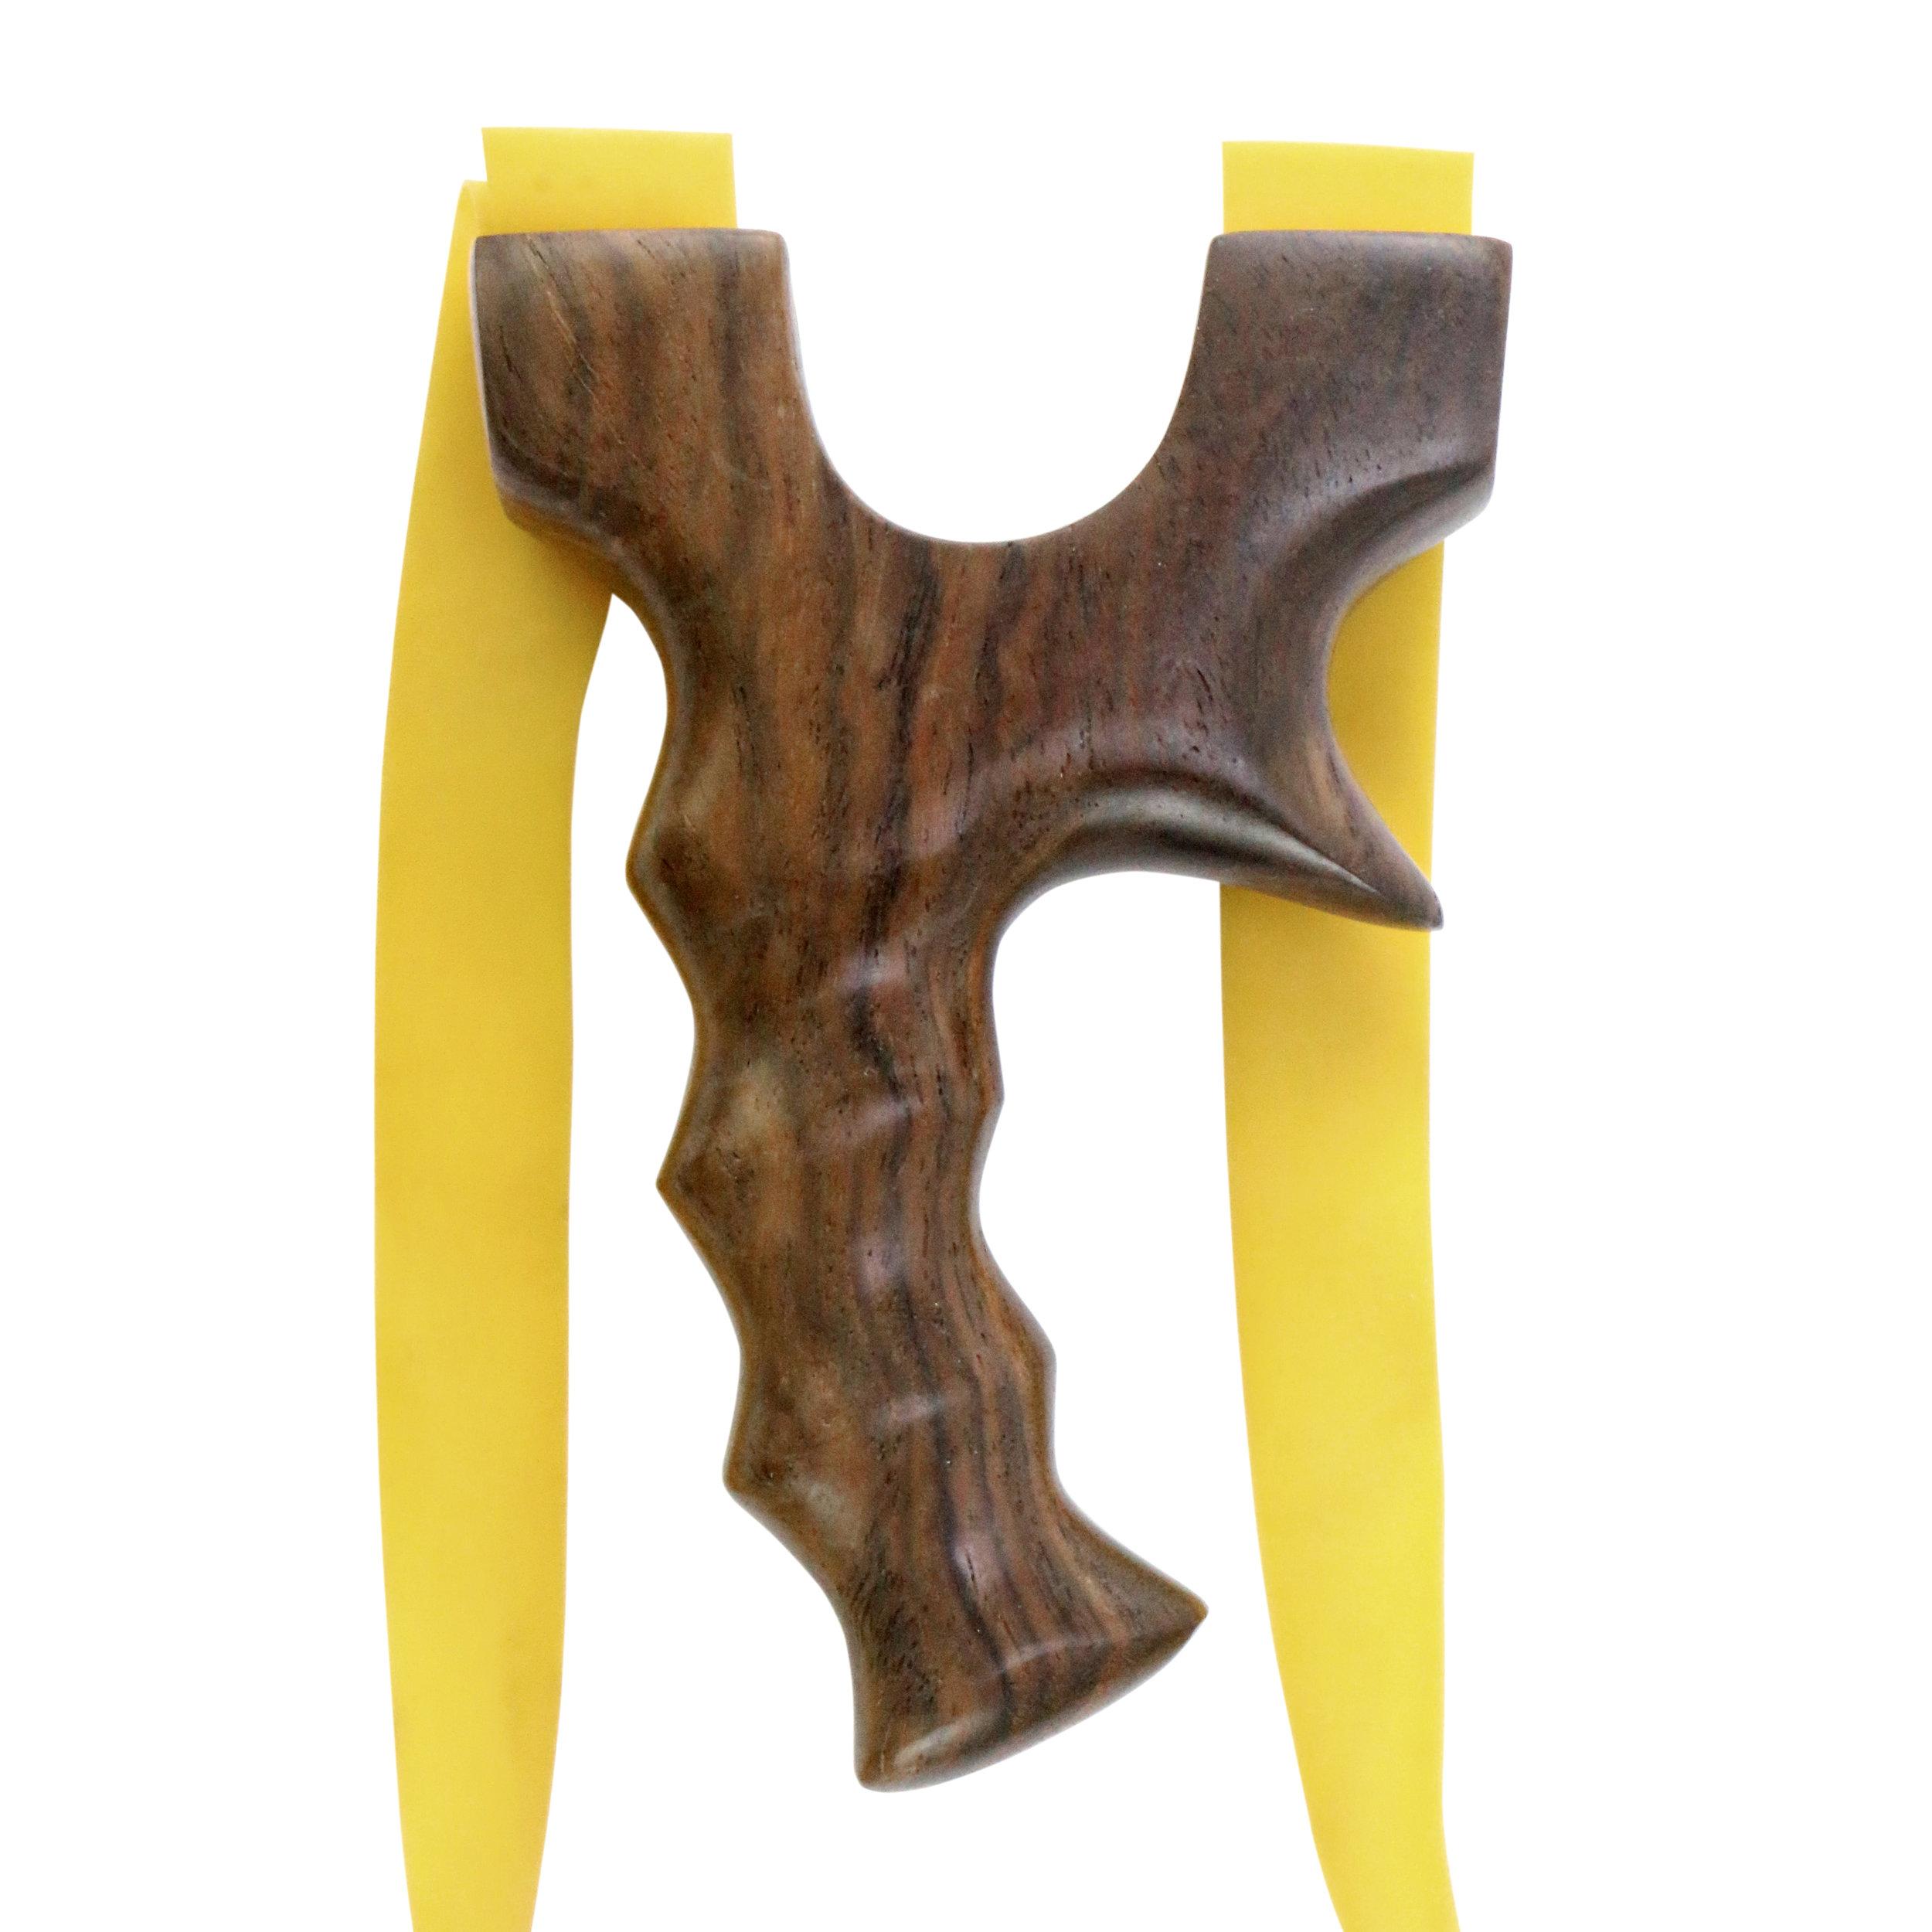 hella-slingshots-wooden-hunting-slingshot-no6.jpg